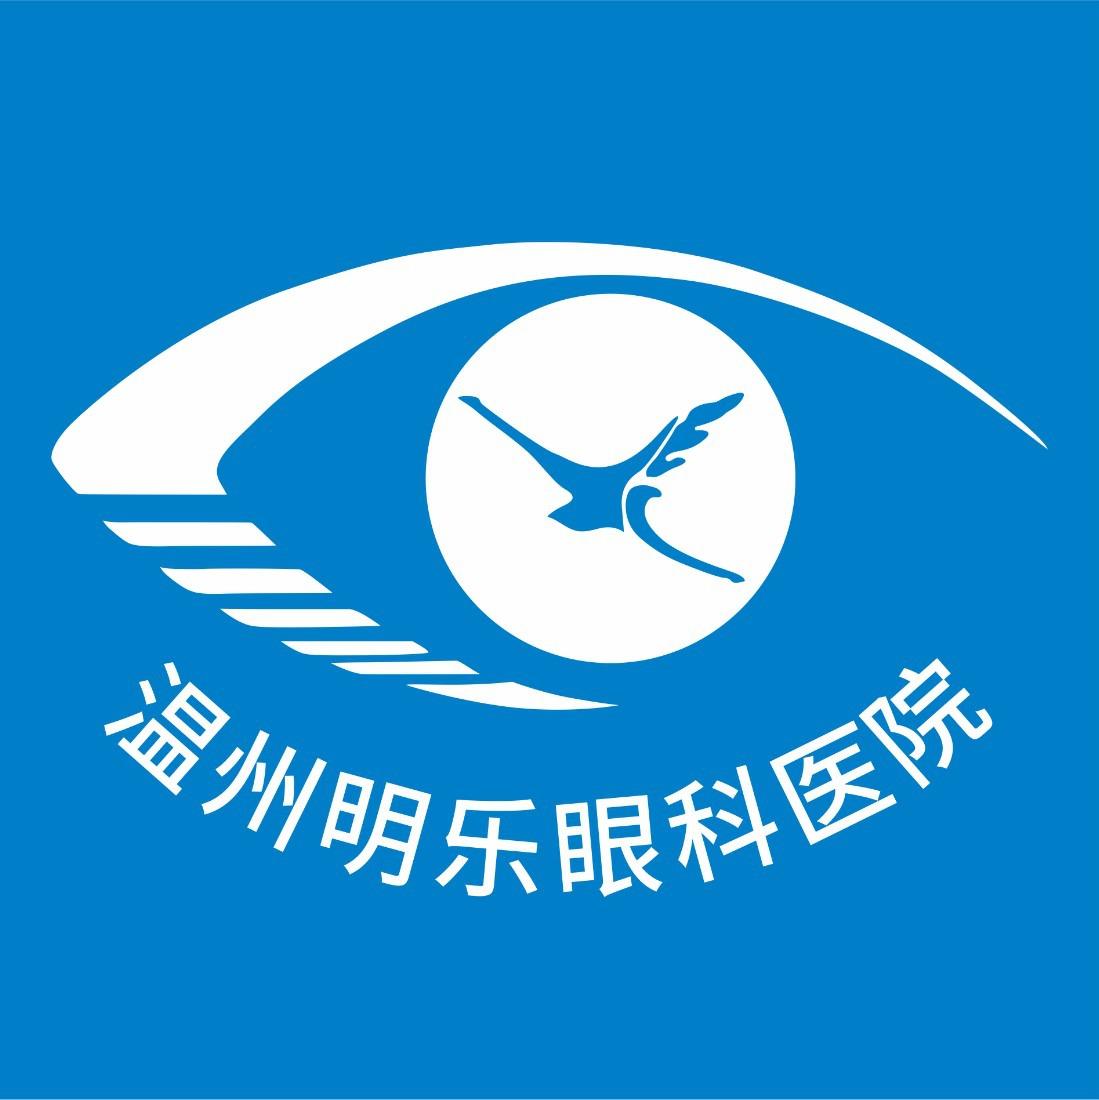 溫州明樂眼科醫院有限公司